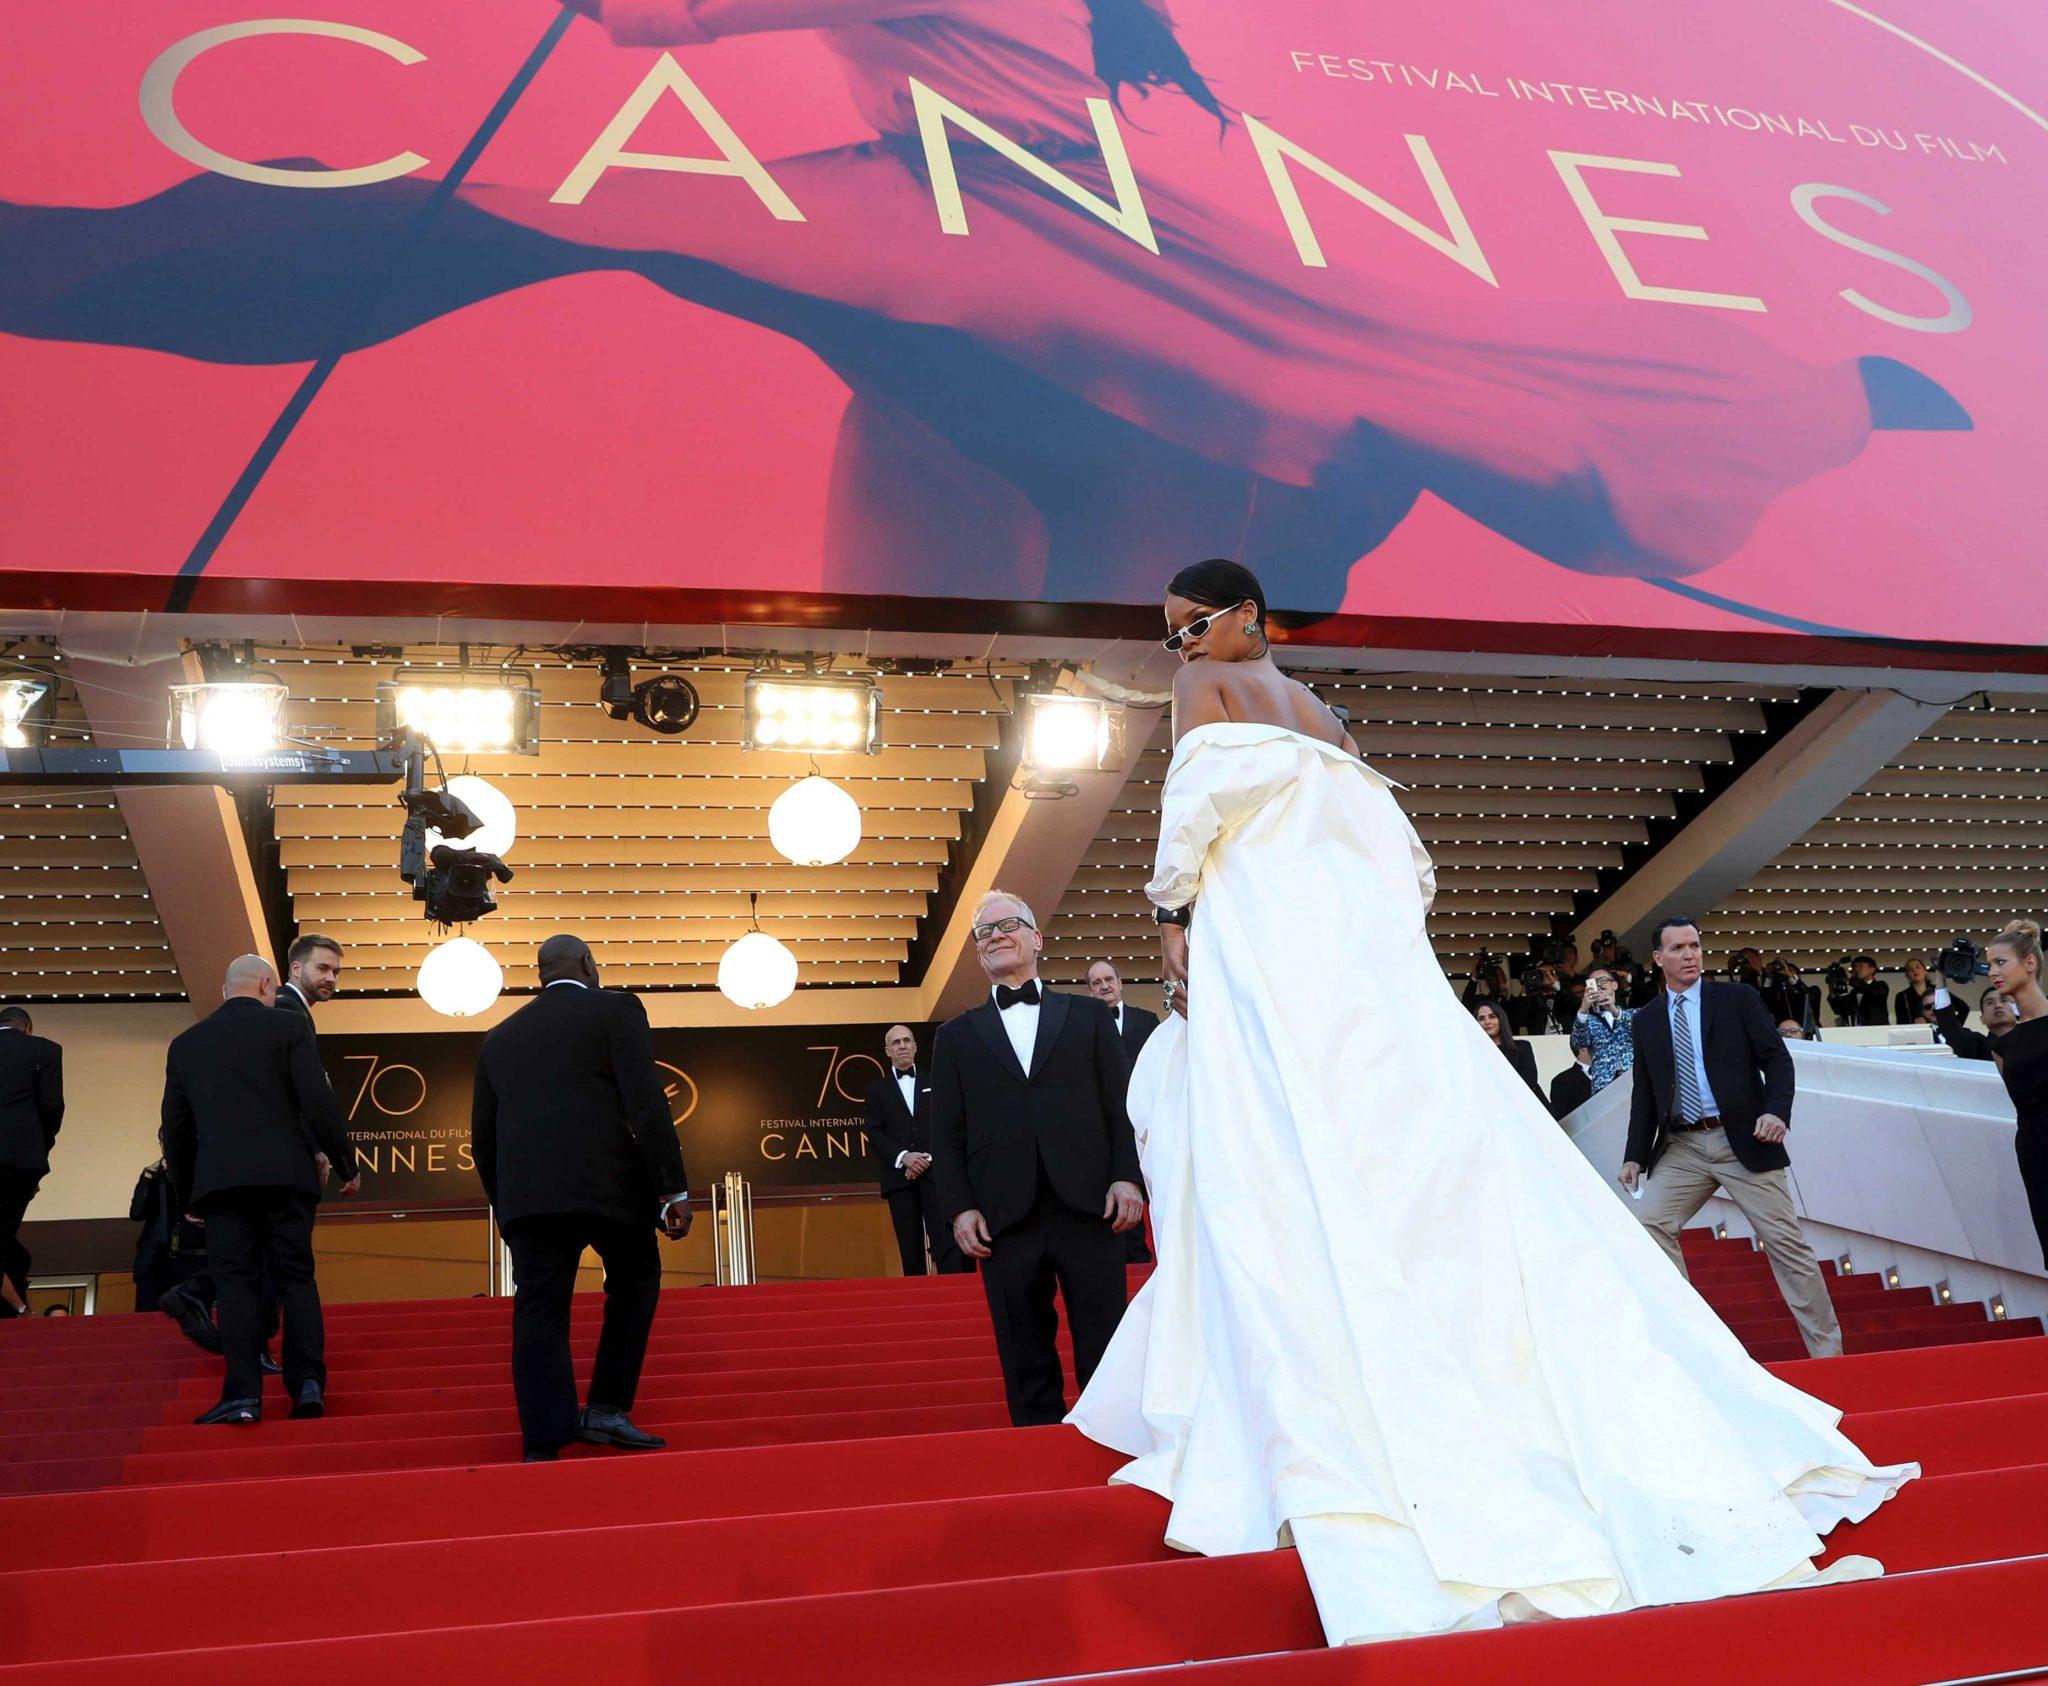 2020 senza Palma d'oro? A rischio il Festival di Cannes